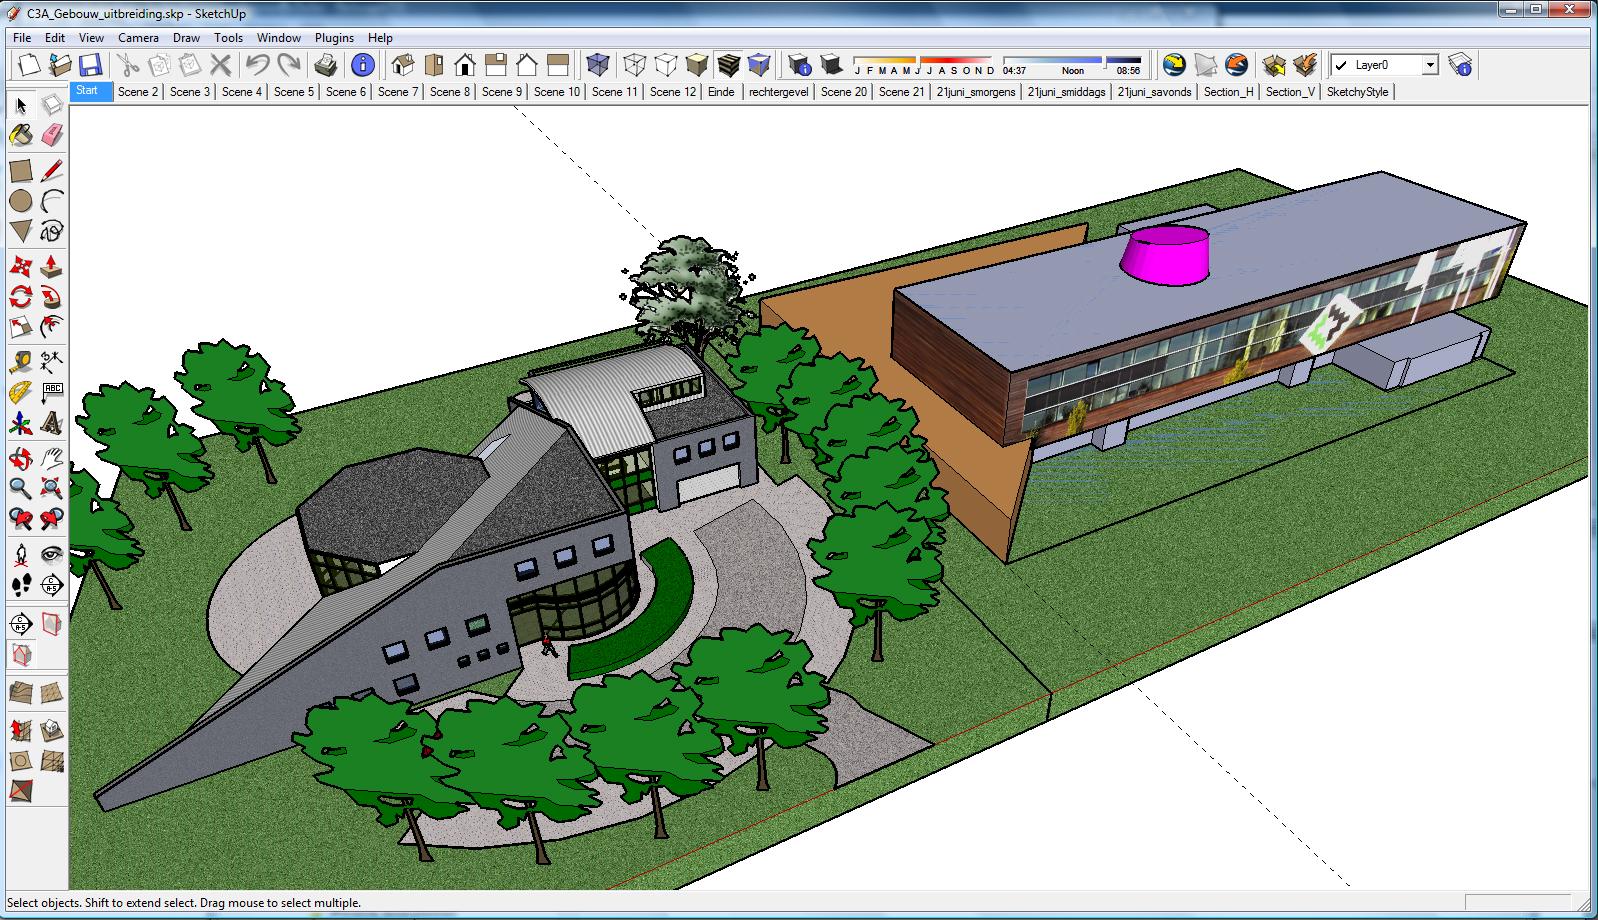 C3a ontwerpstudie met sketchup pro c3a for Programa para disenar jardines